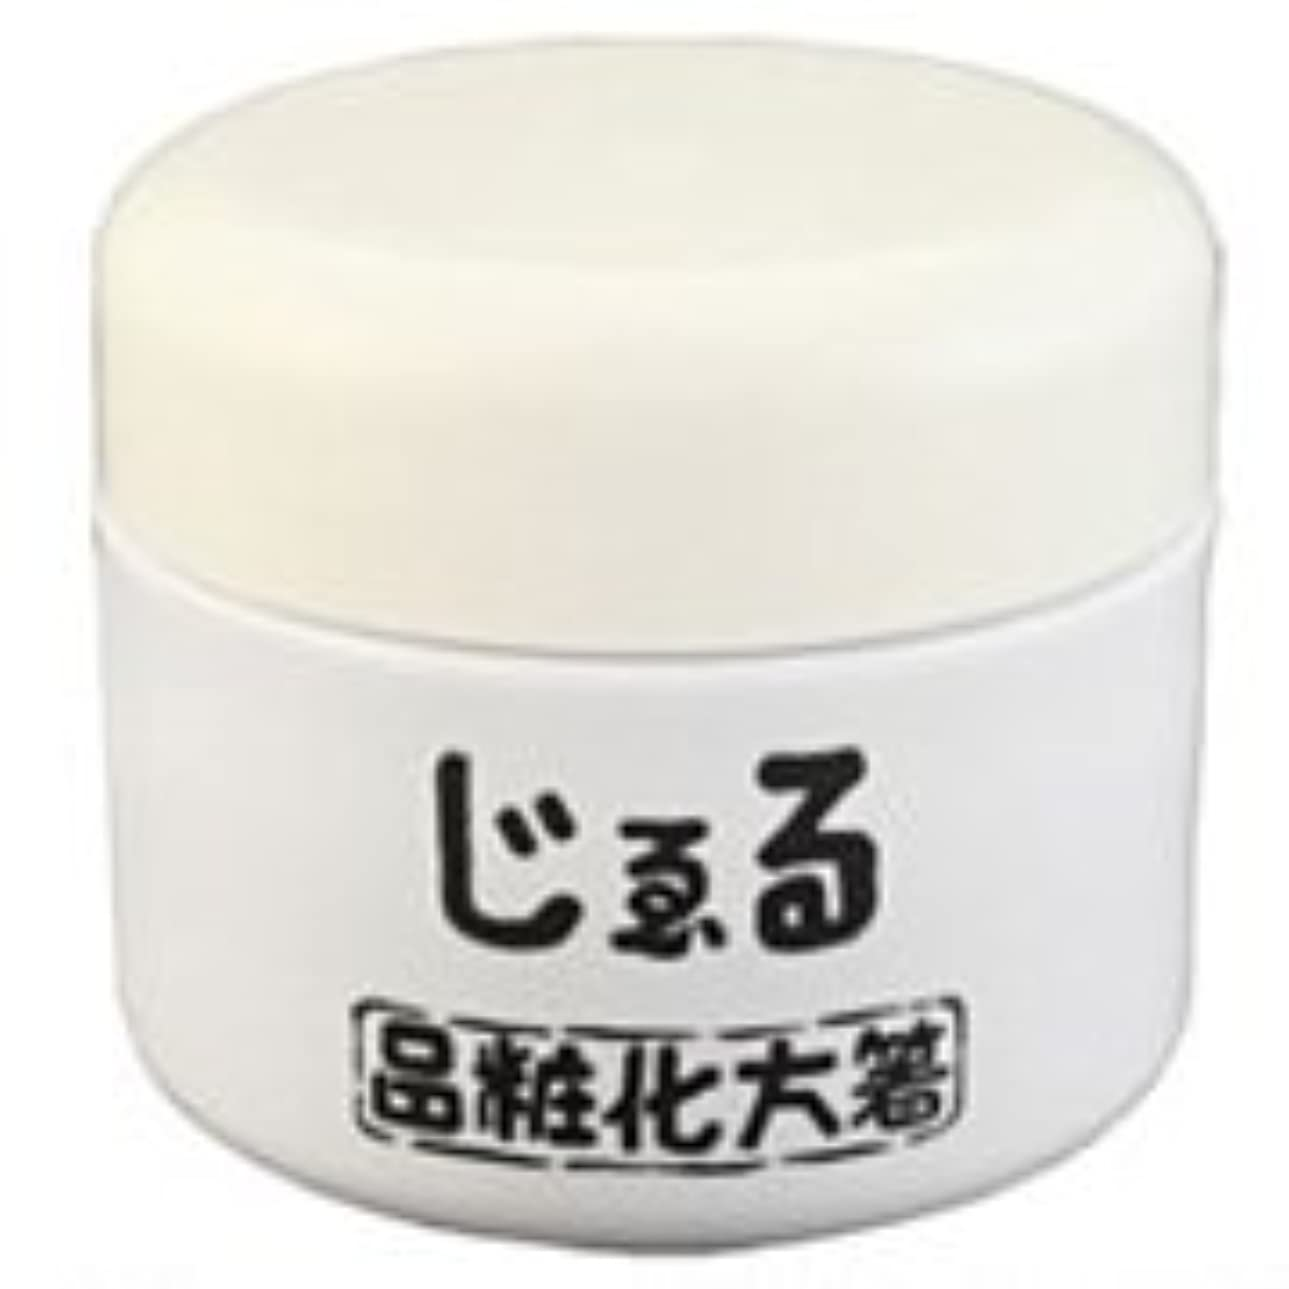 ペンスニックネーム活性化[箸方化粧品] じぇる 38g はしかた化粧品